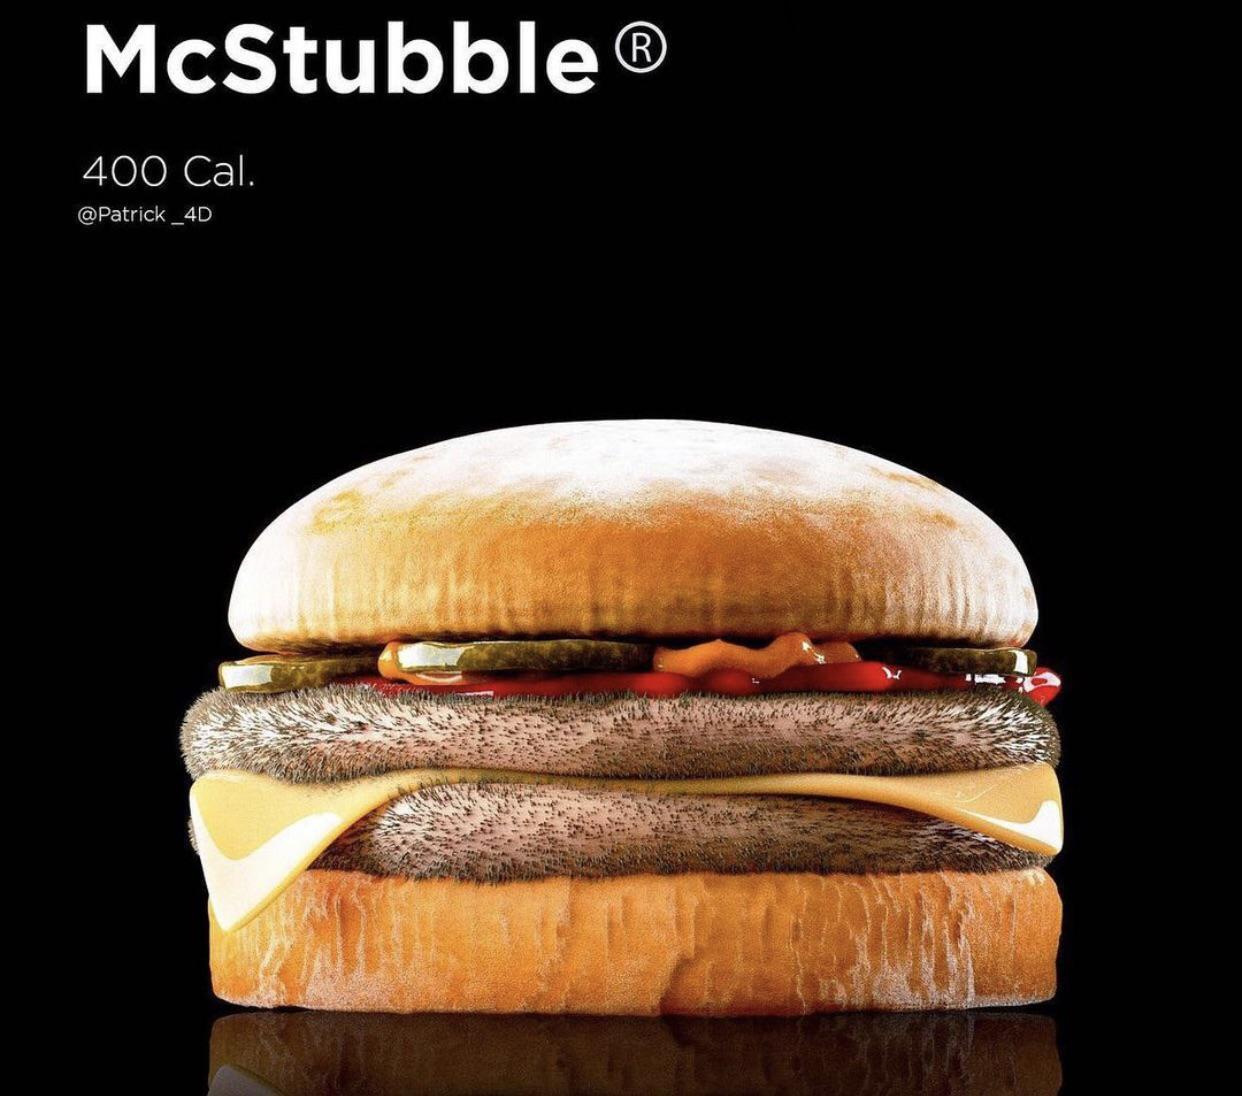 McStubble